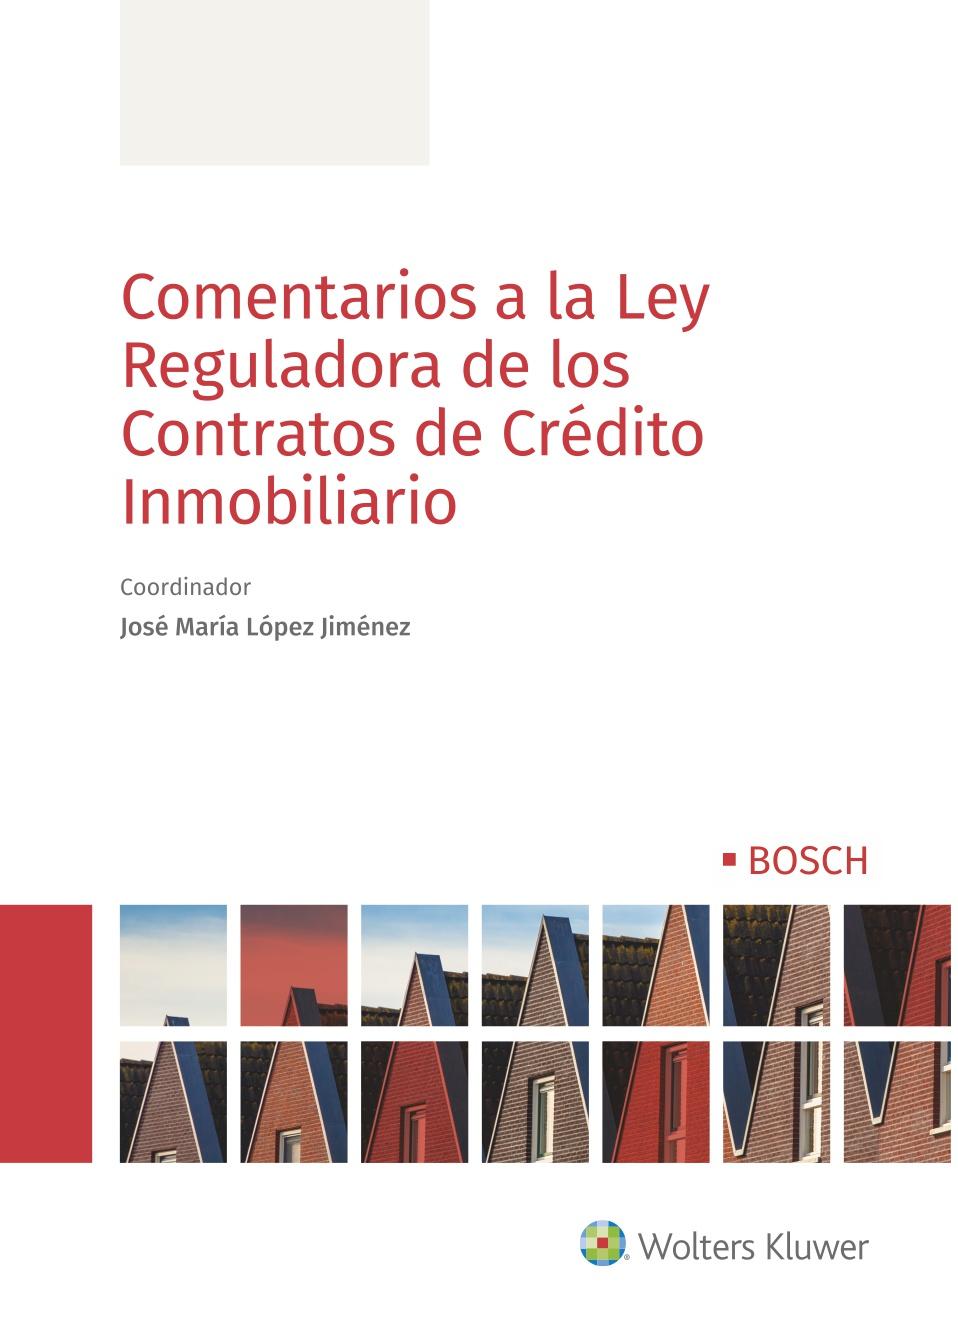 Comentarios a la Ley Reguladora de los Contratos de Crédito Inmobiliario